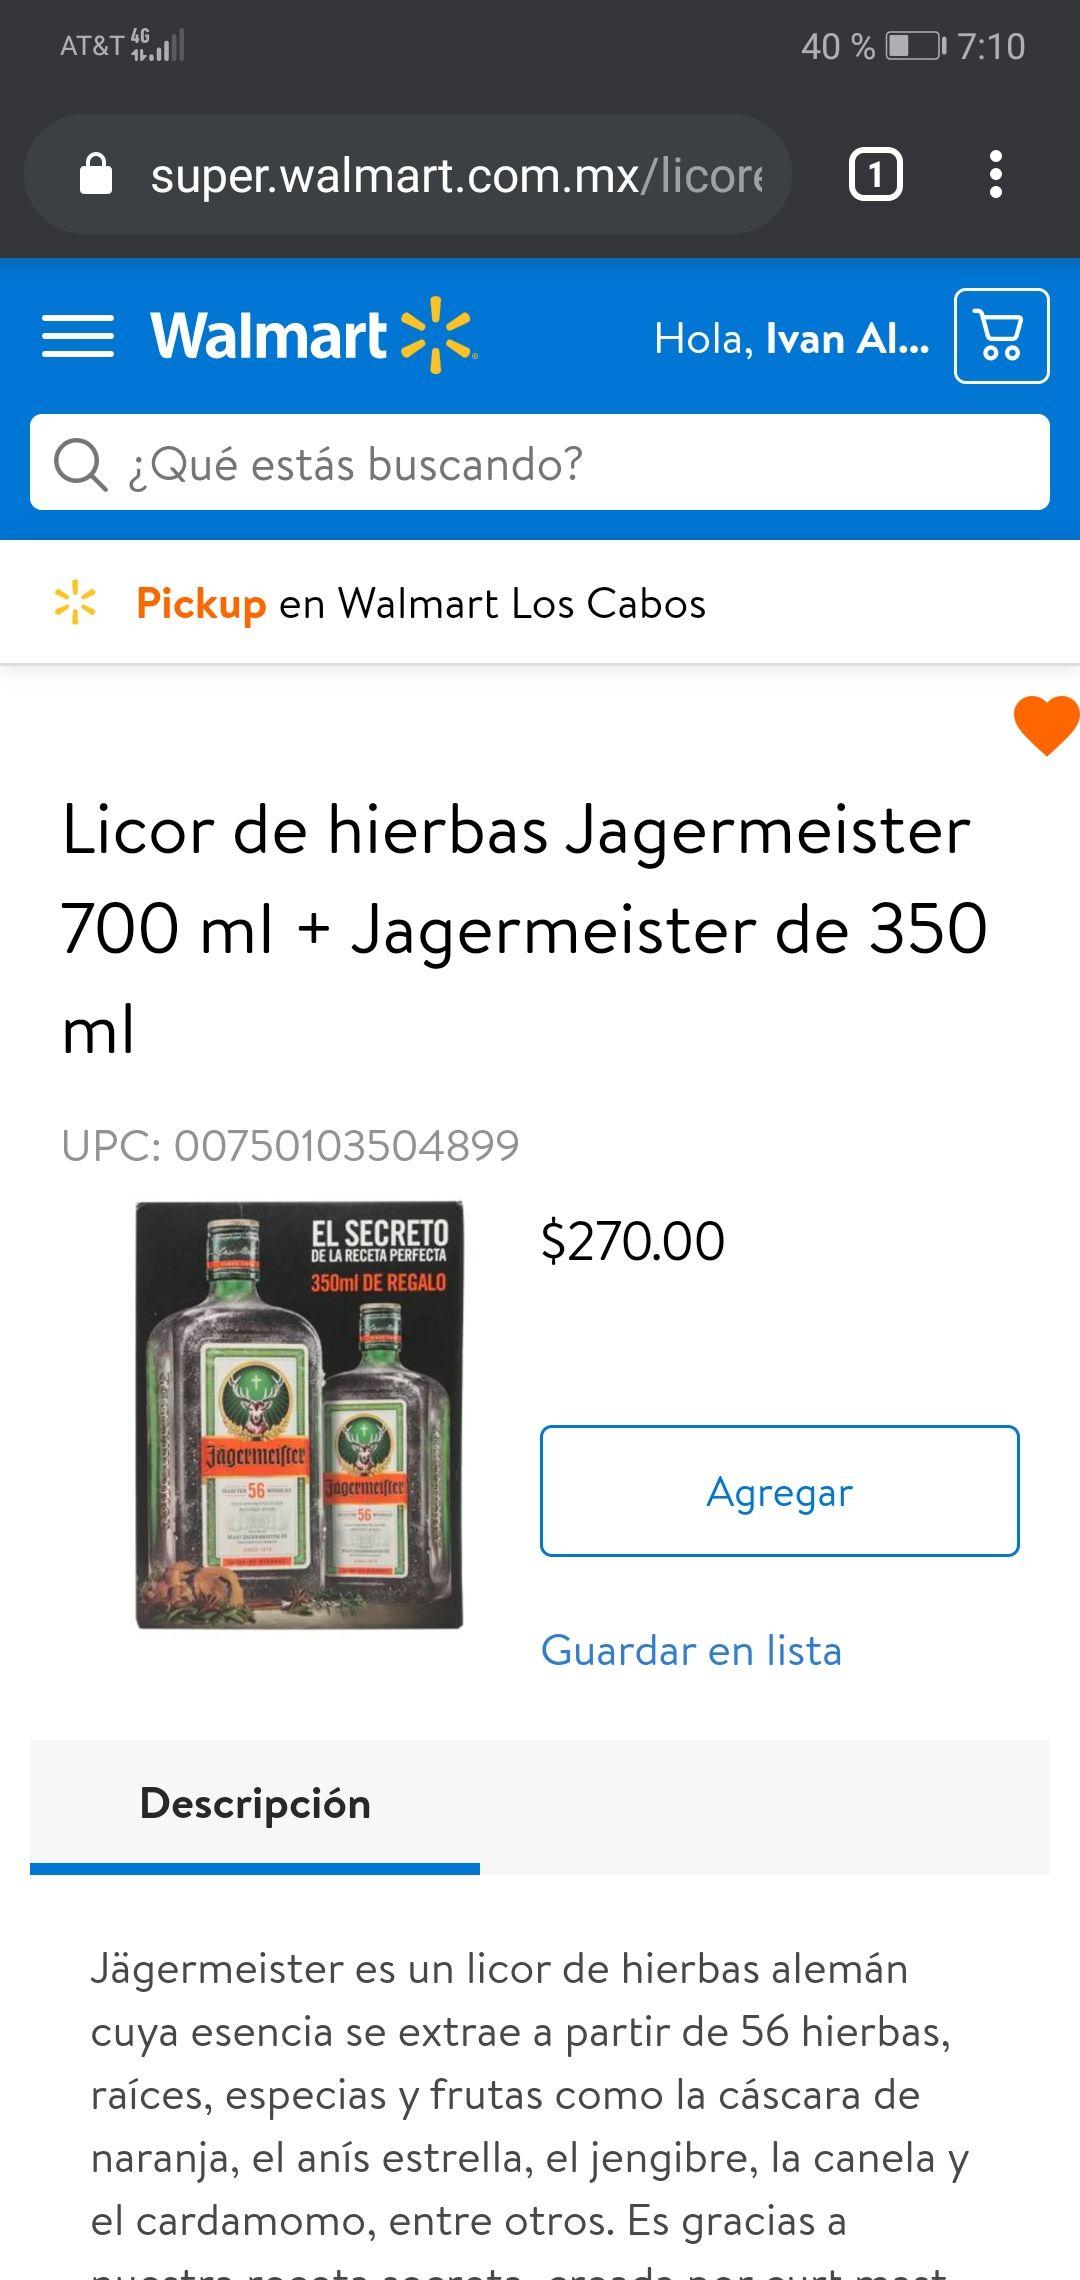 Walmart Súper: Licor de hierbas Jagermeister 700 ml + Jagermeister de 350 ml